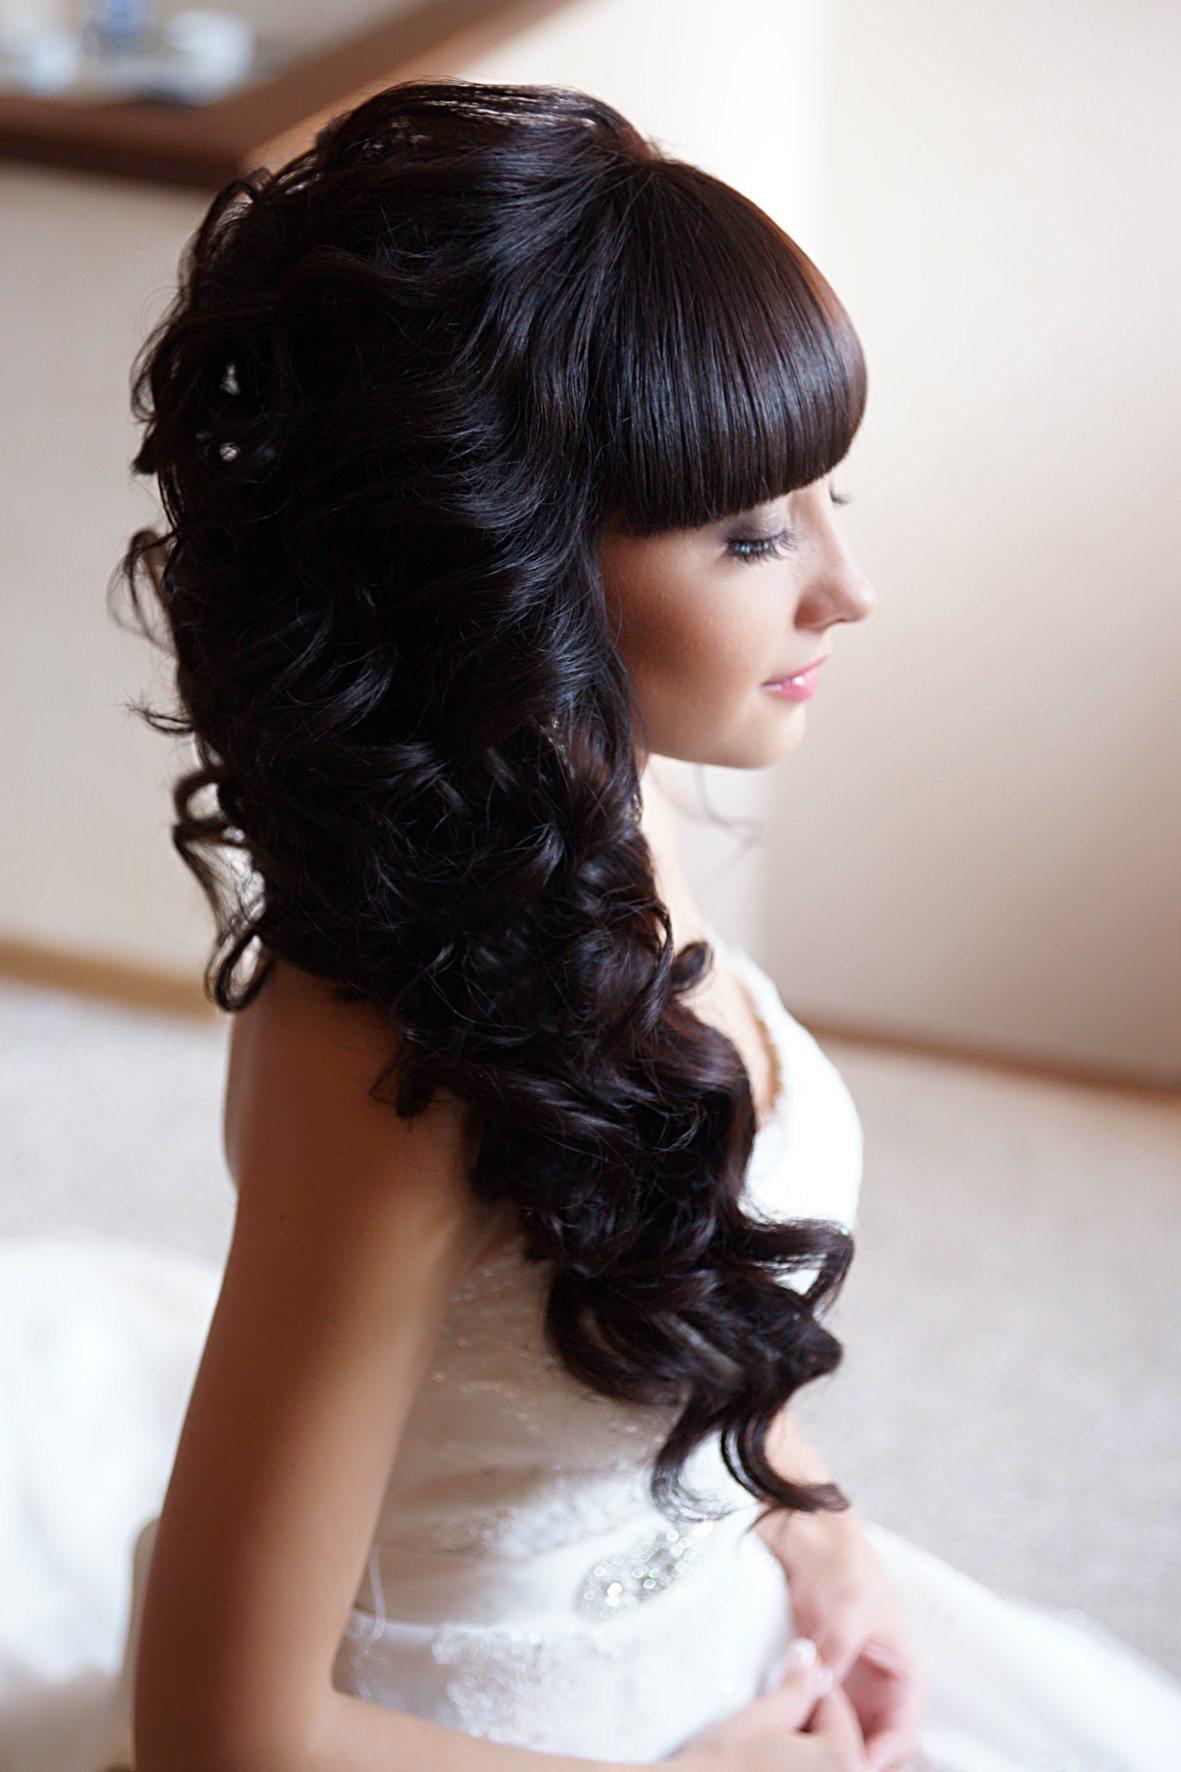 крупные рельефные прически длинные волосы с челкой фото они появились